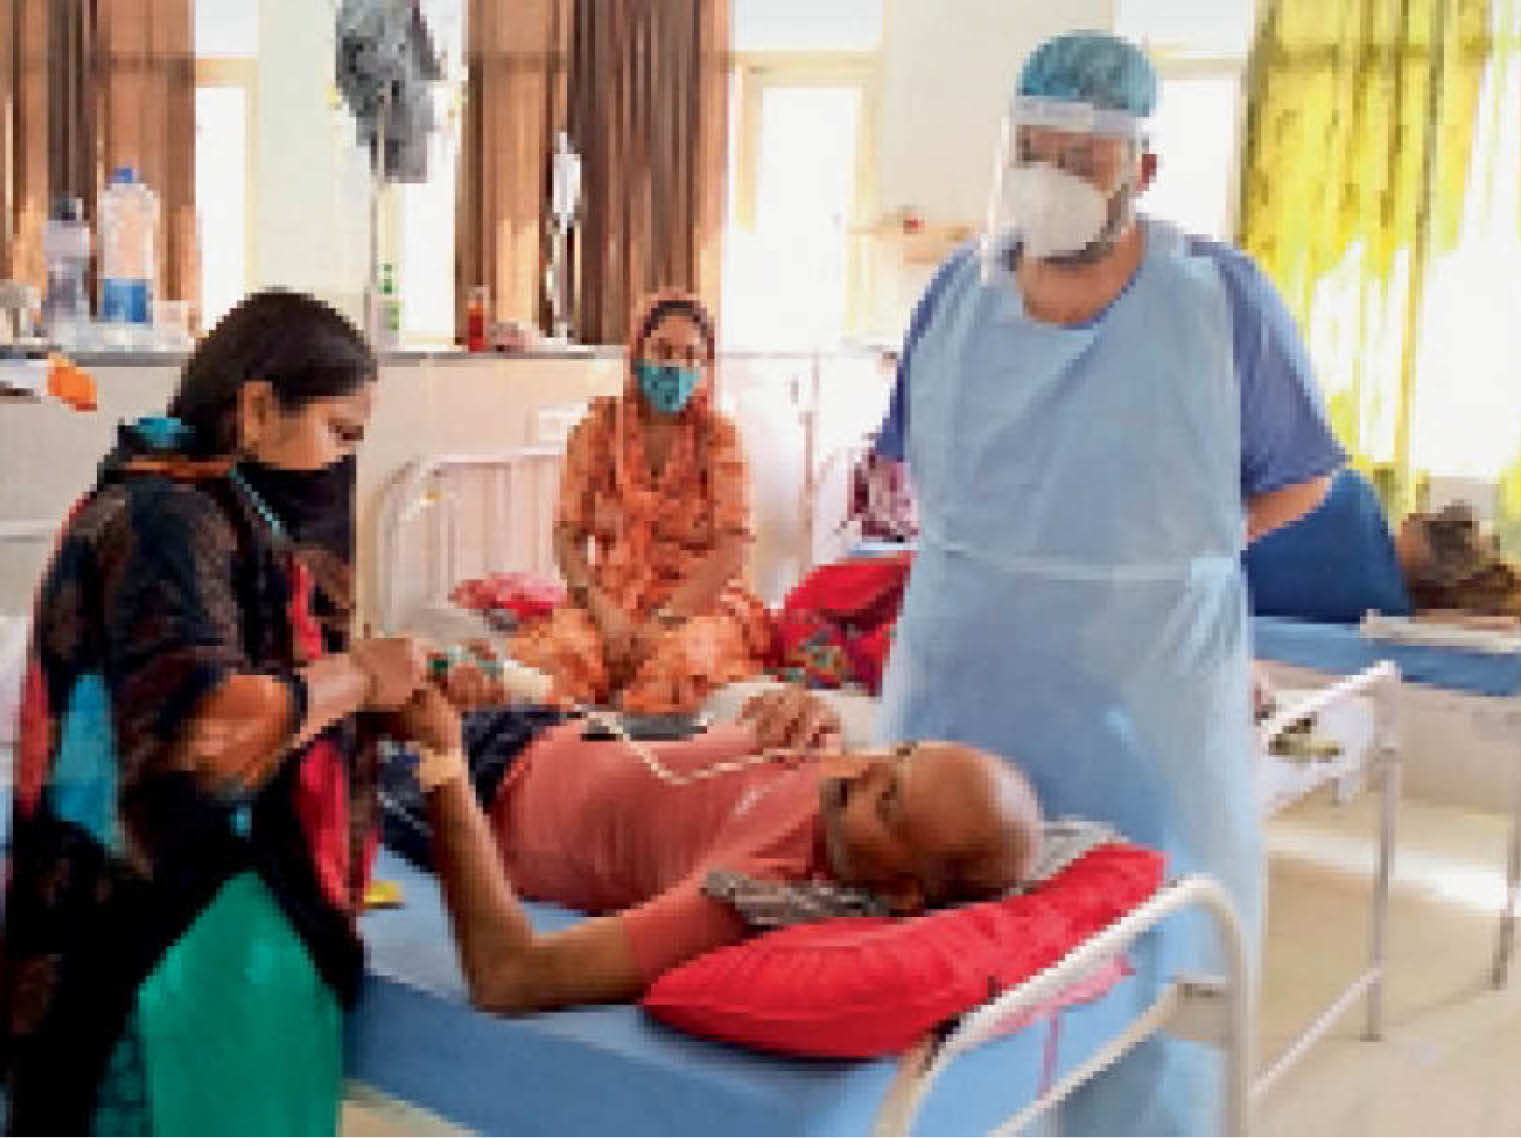 महाराजा अग्रसेन मेडिकल कॉलेज अग्रोहा में डॉ. राहुल मरीजों को चेक करते हुए। - Dainik Bhaskar